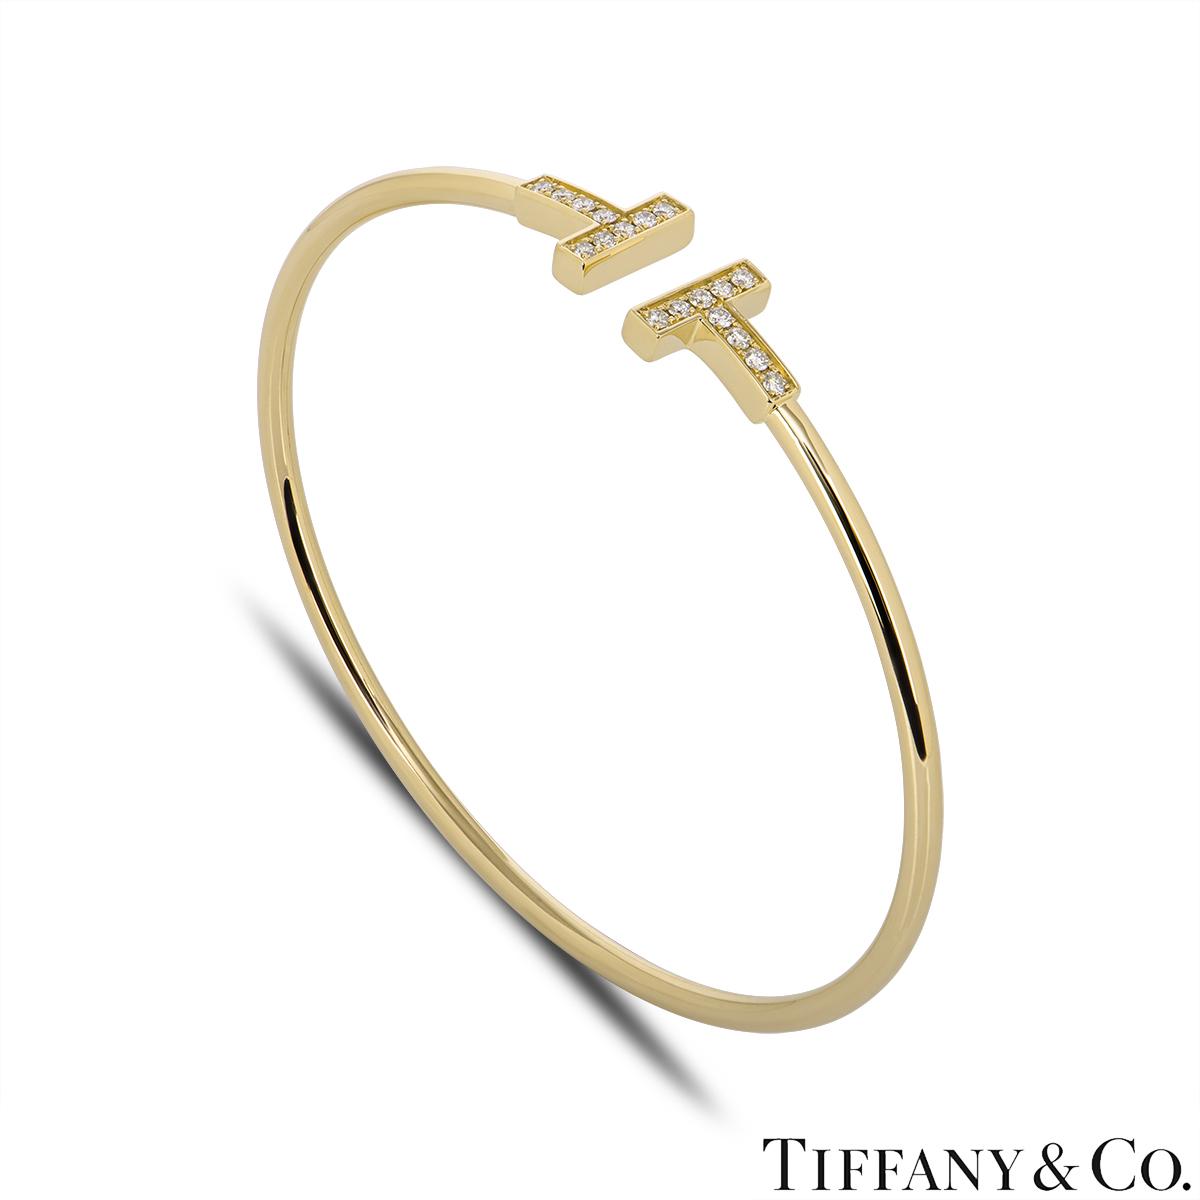 Tiffany & Co. Yellow Gold Tiffany T Diamond Bracelet